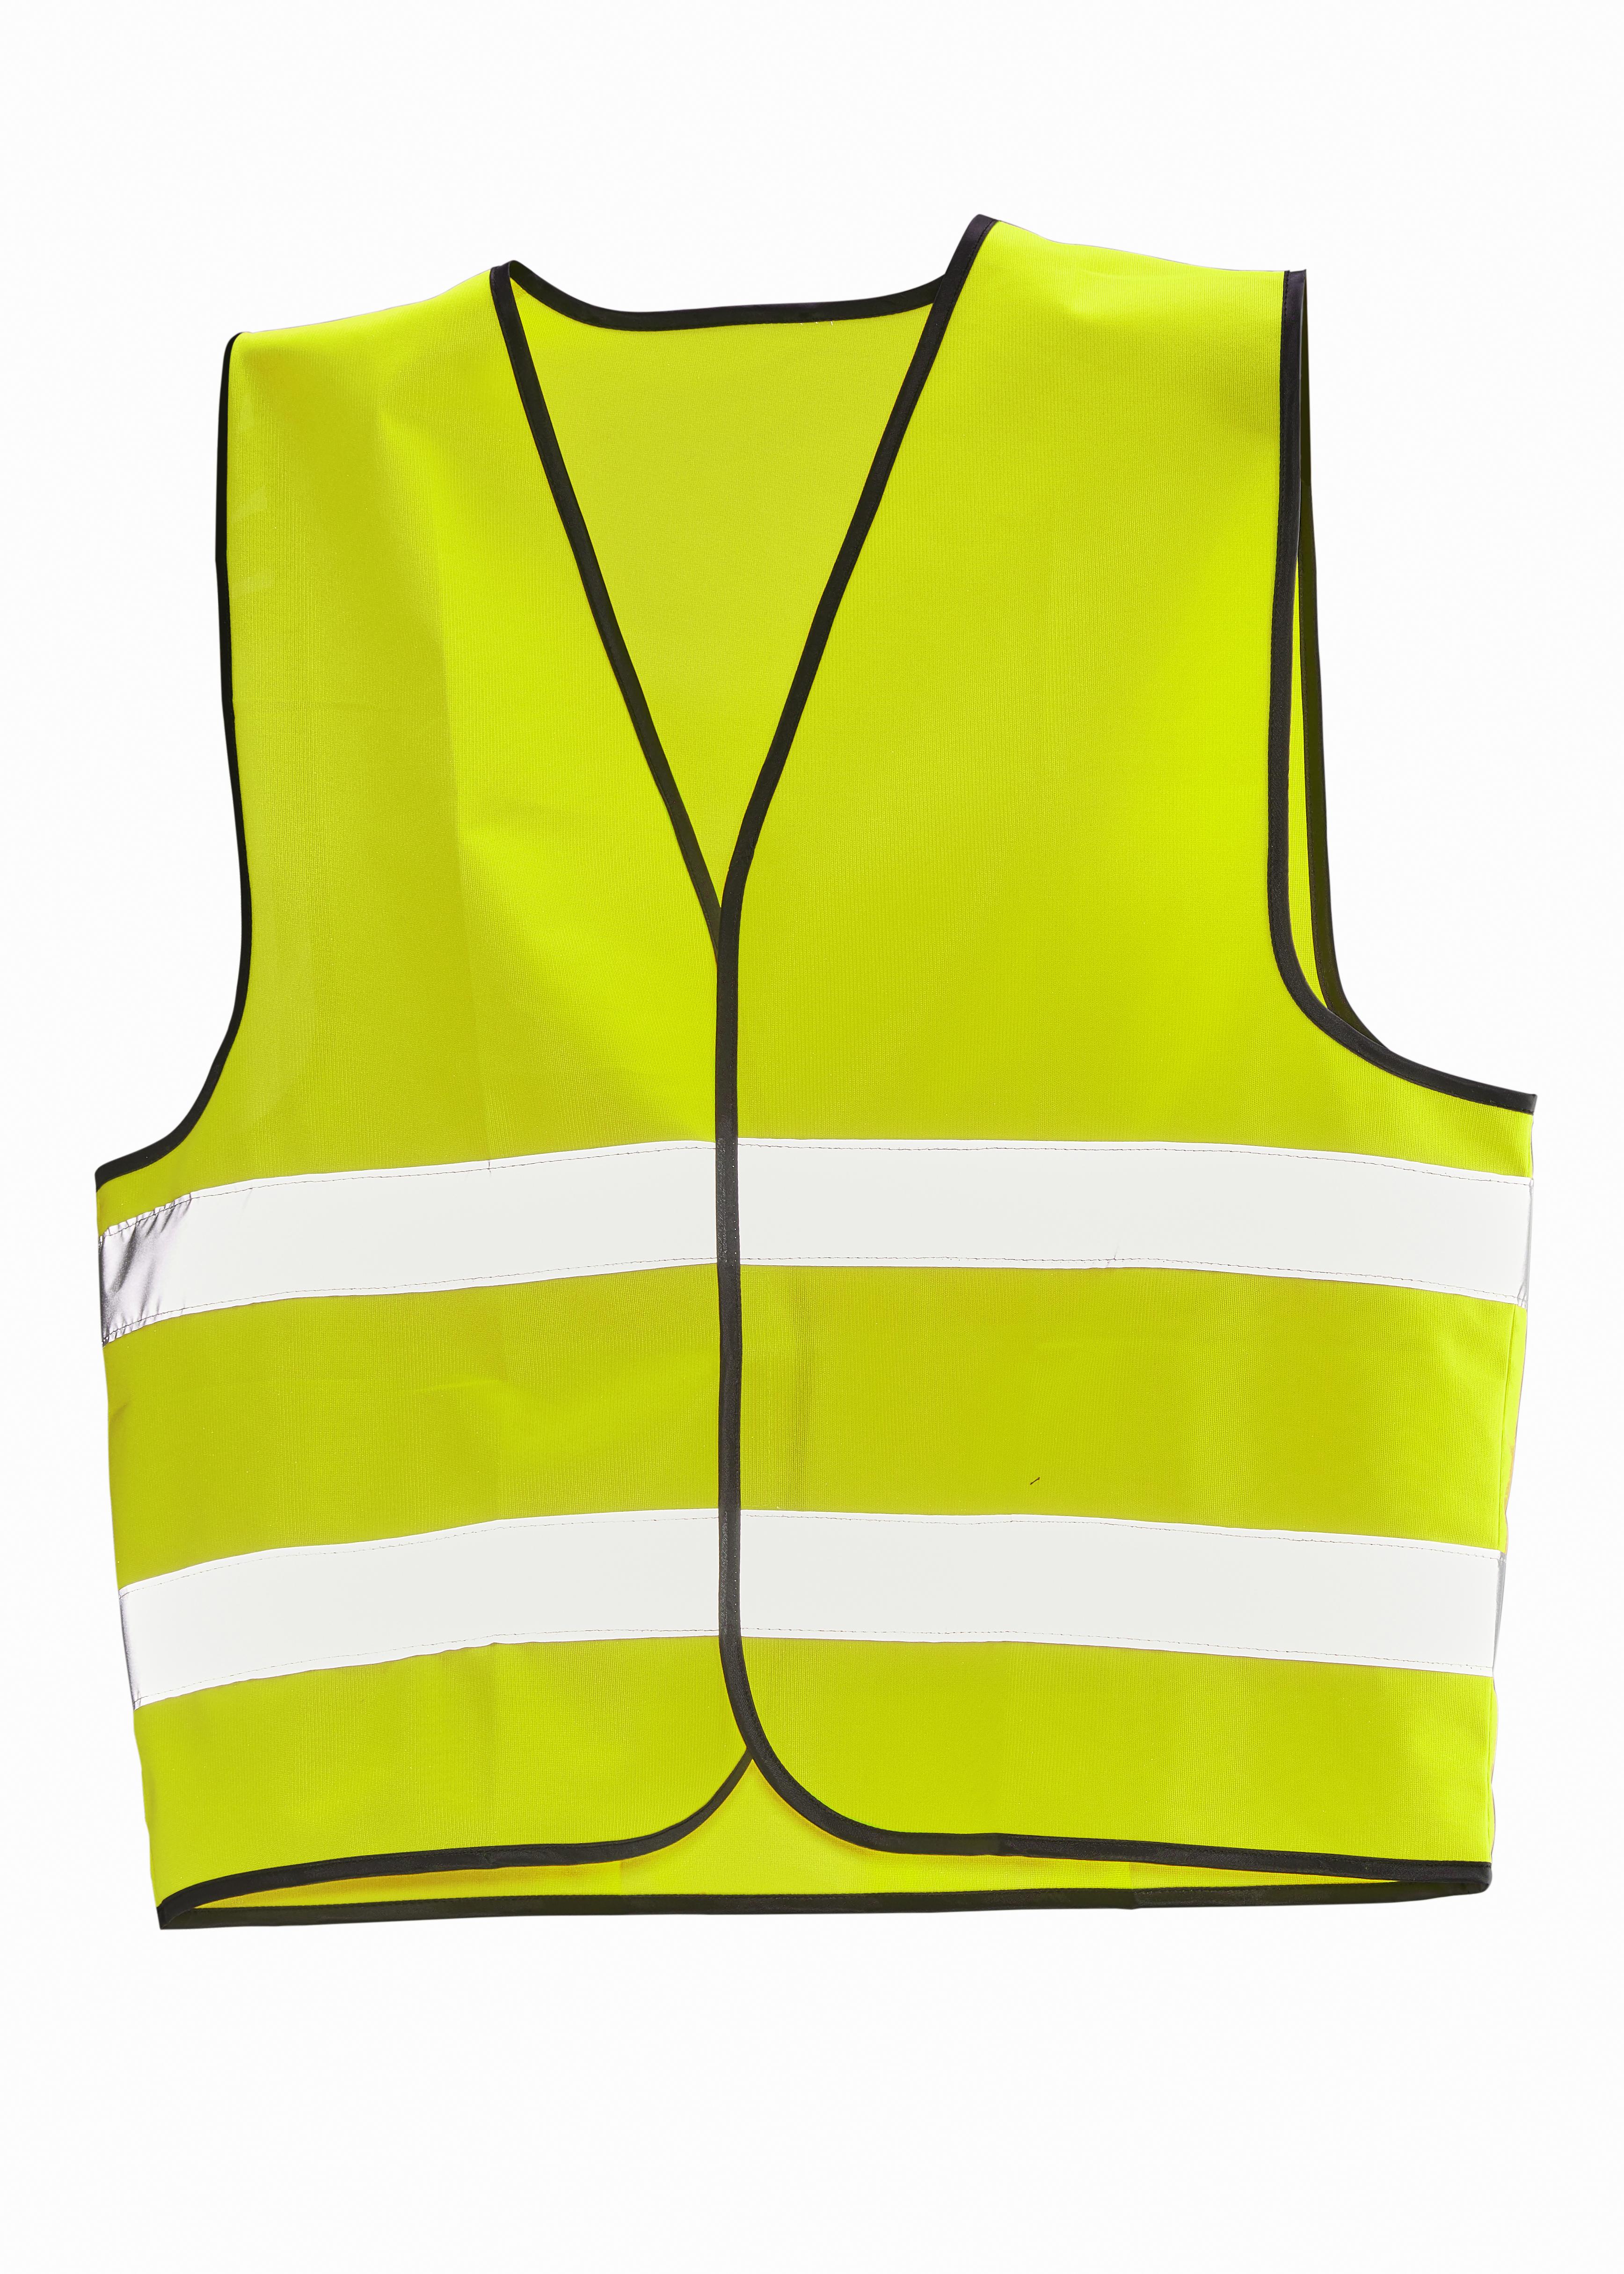 7590 Gilet Hi-Vis - 10 pièces One size jaune/ jaune